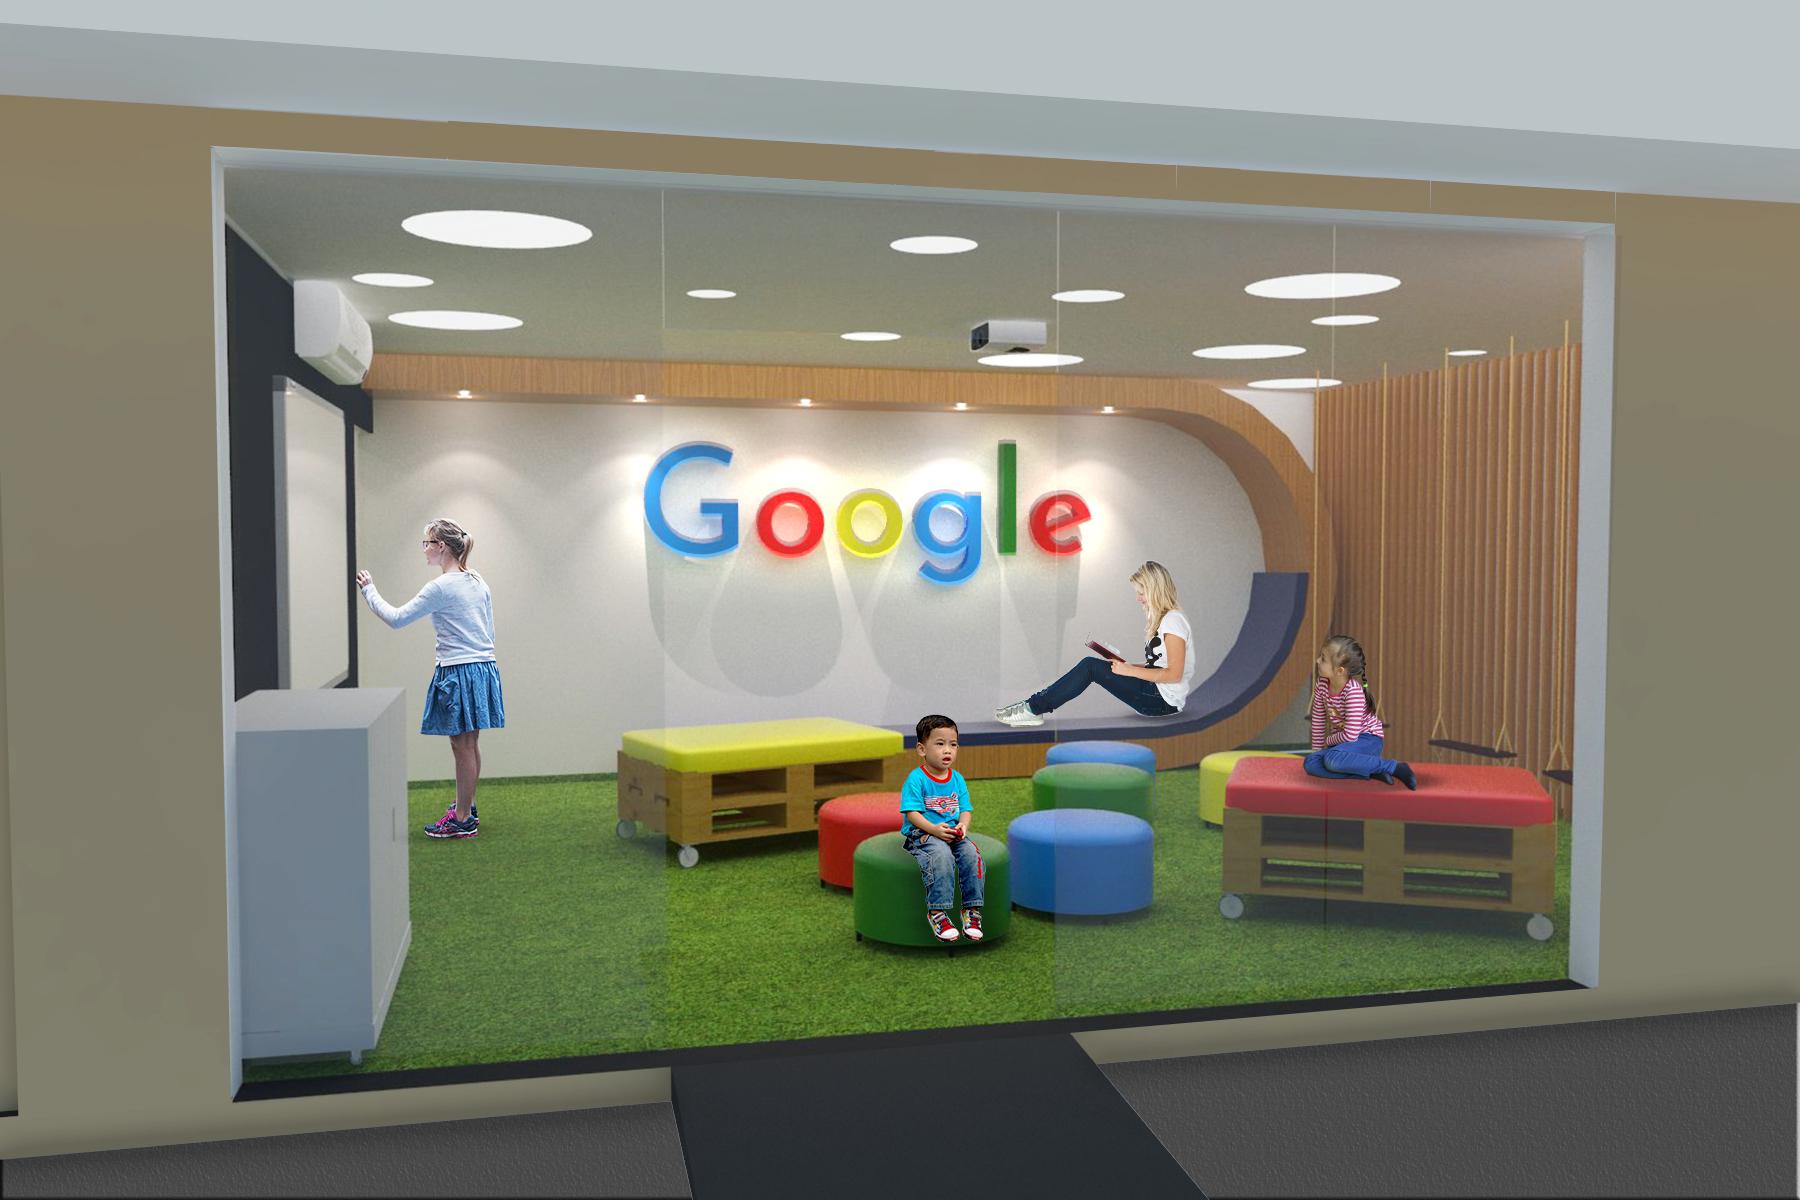 sala google 2